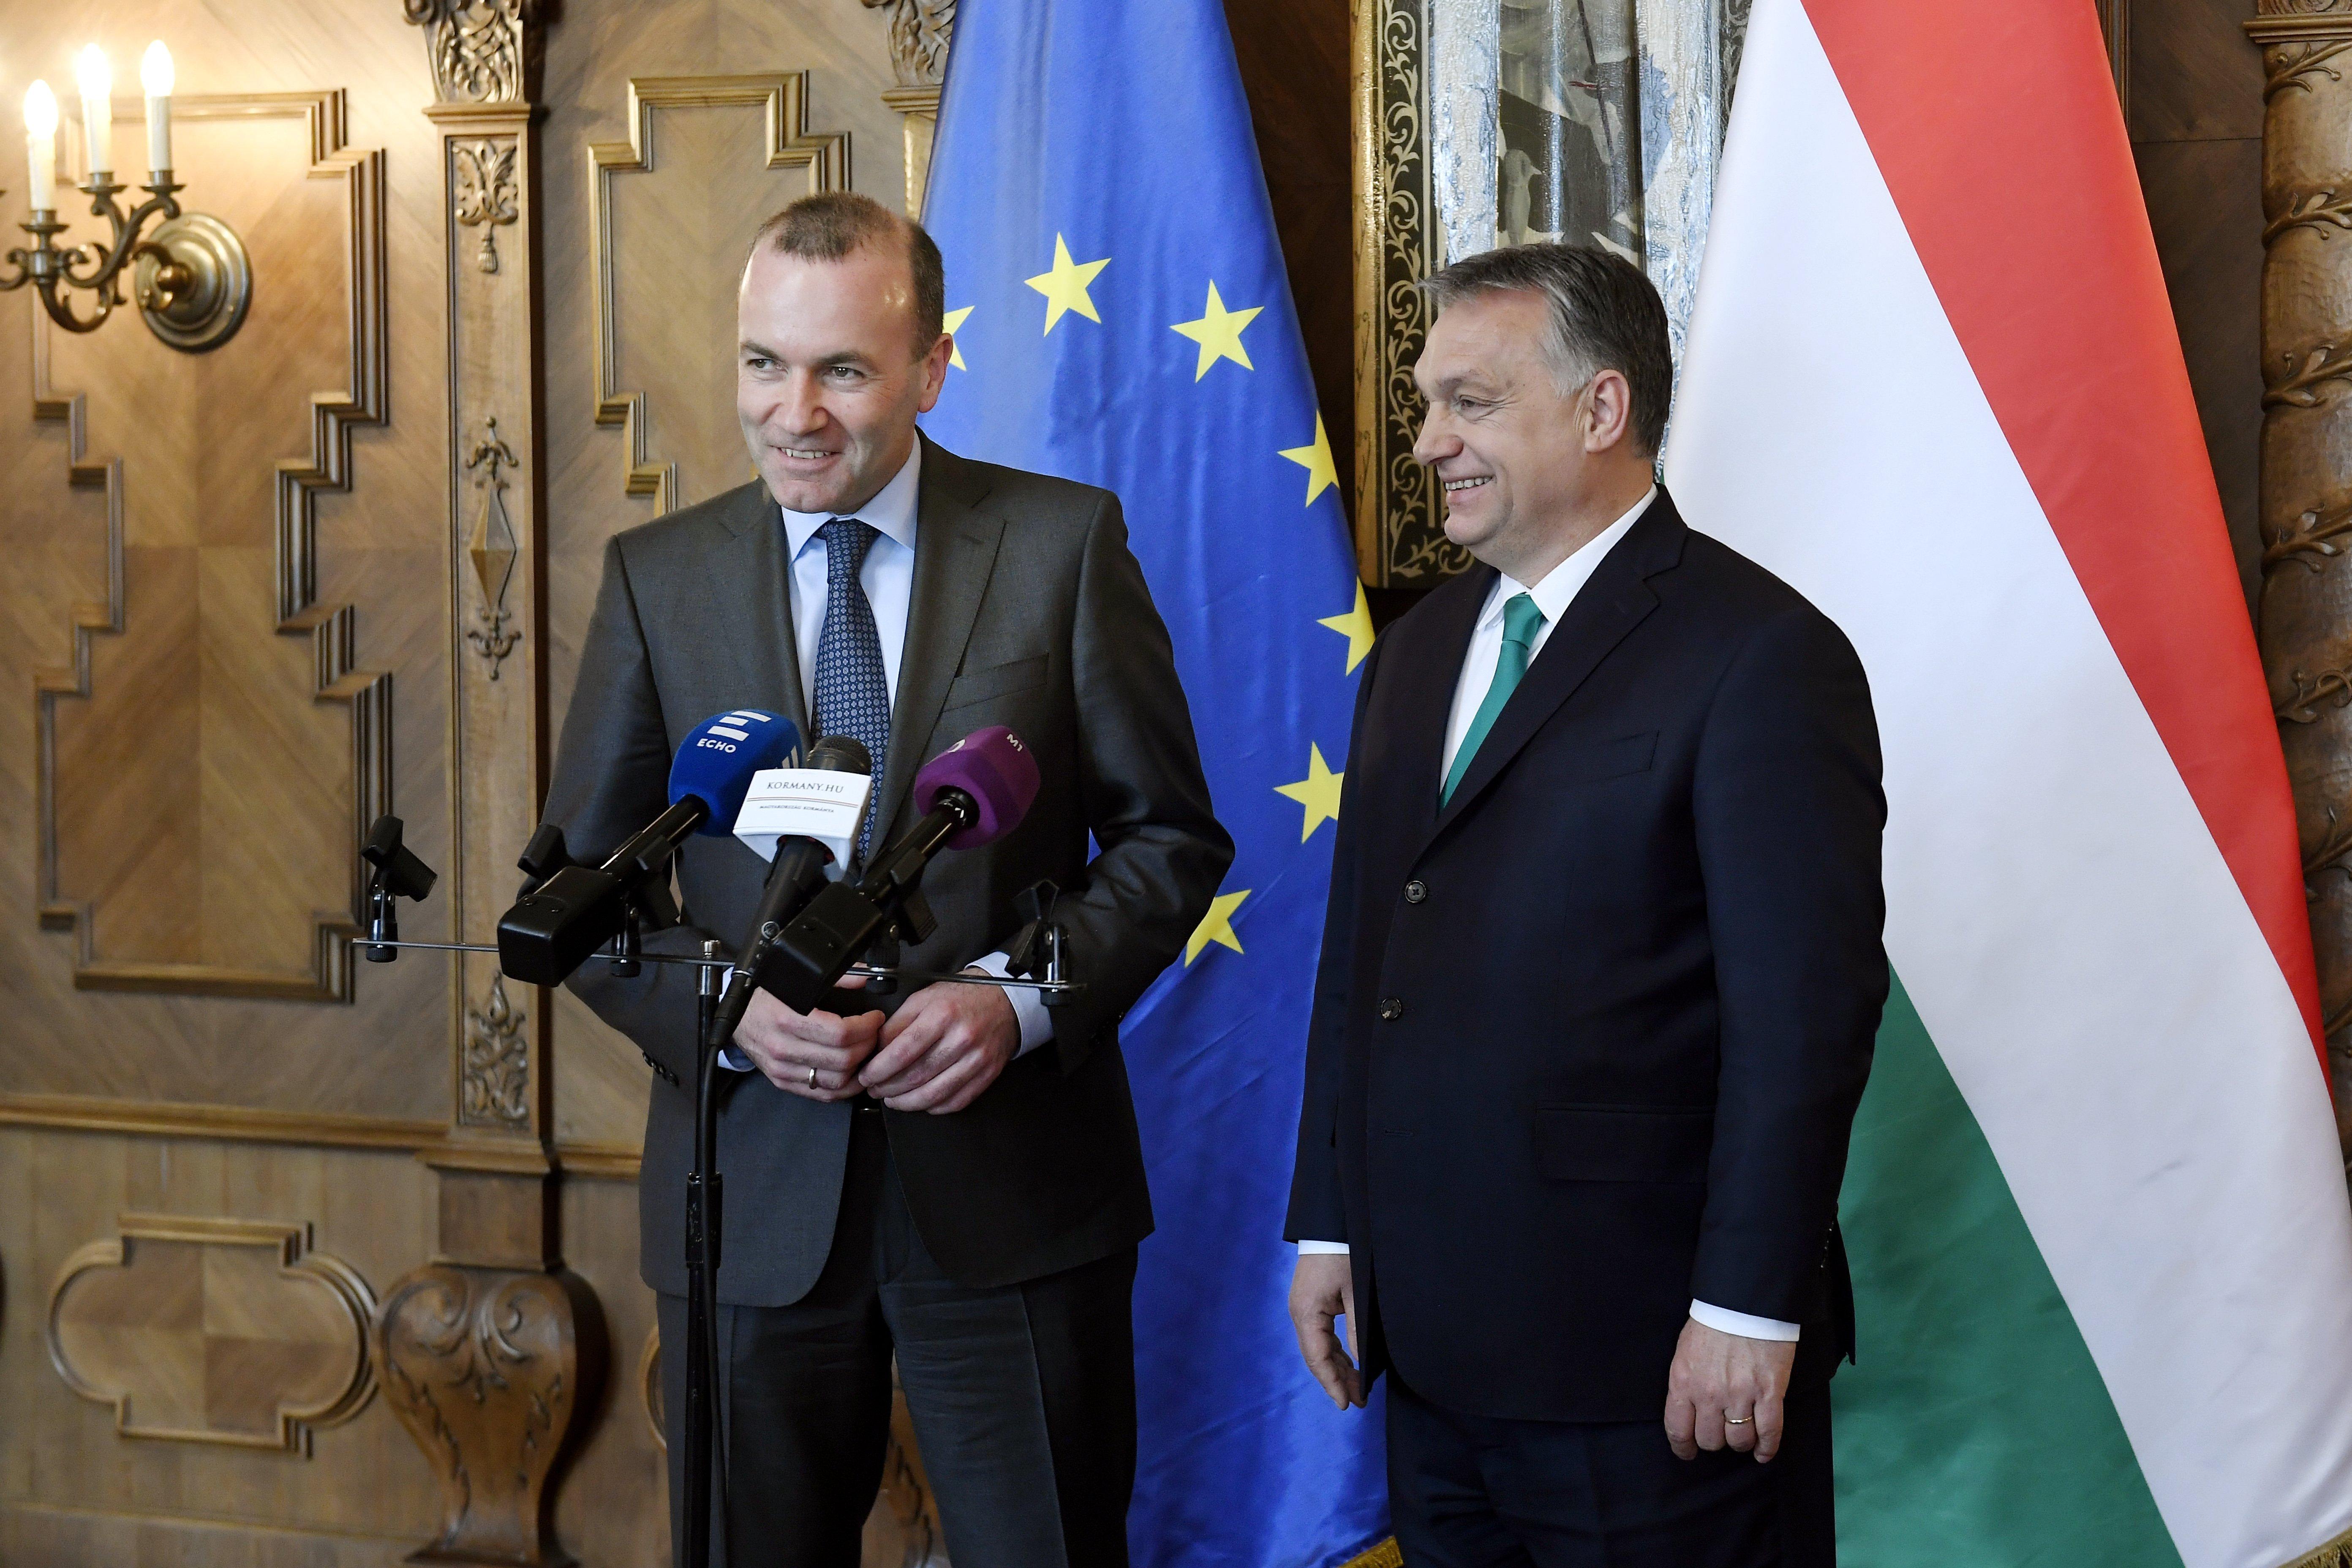 Az Európai Néppárt nem lép fel a Stop Soros törvénycsomaggal szemben